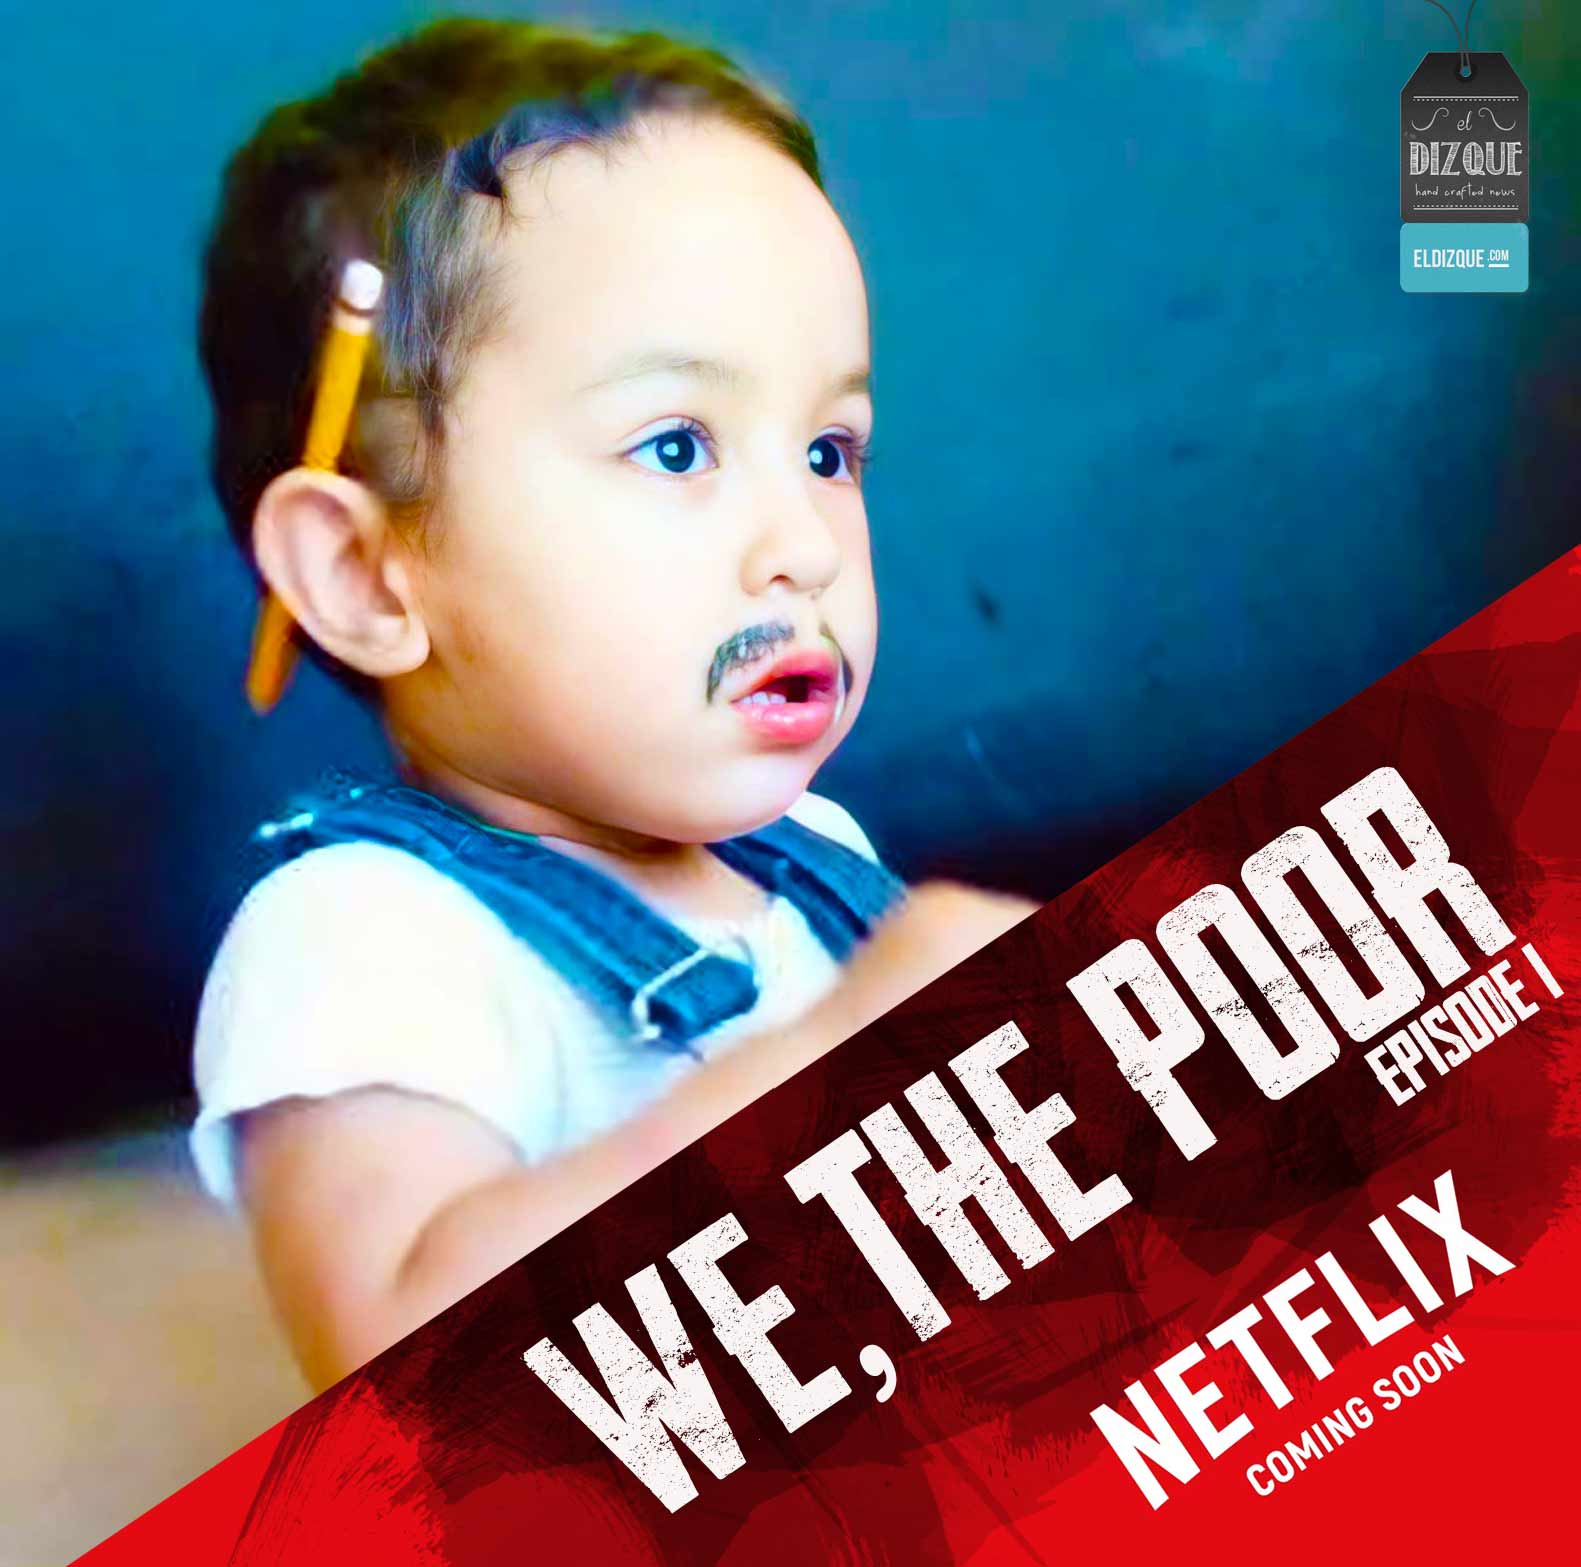 Precuela Nosotros los pobres